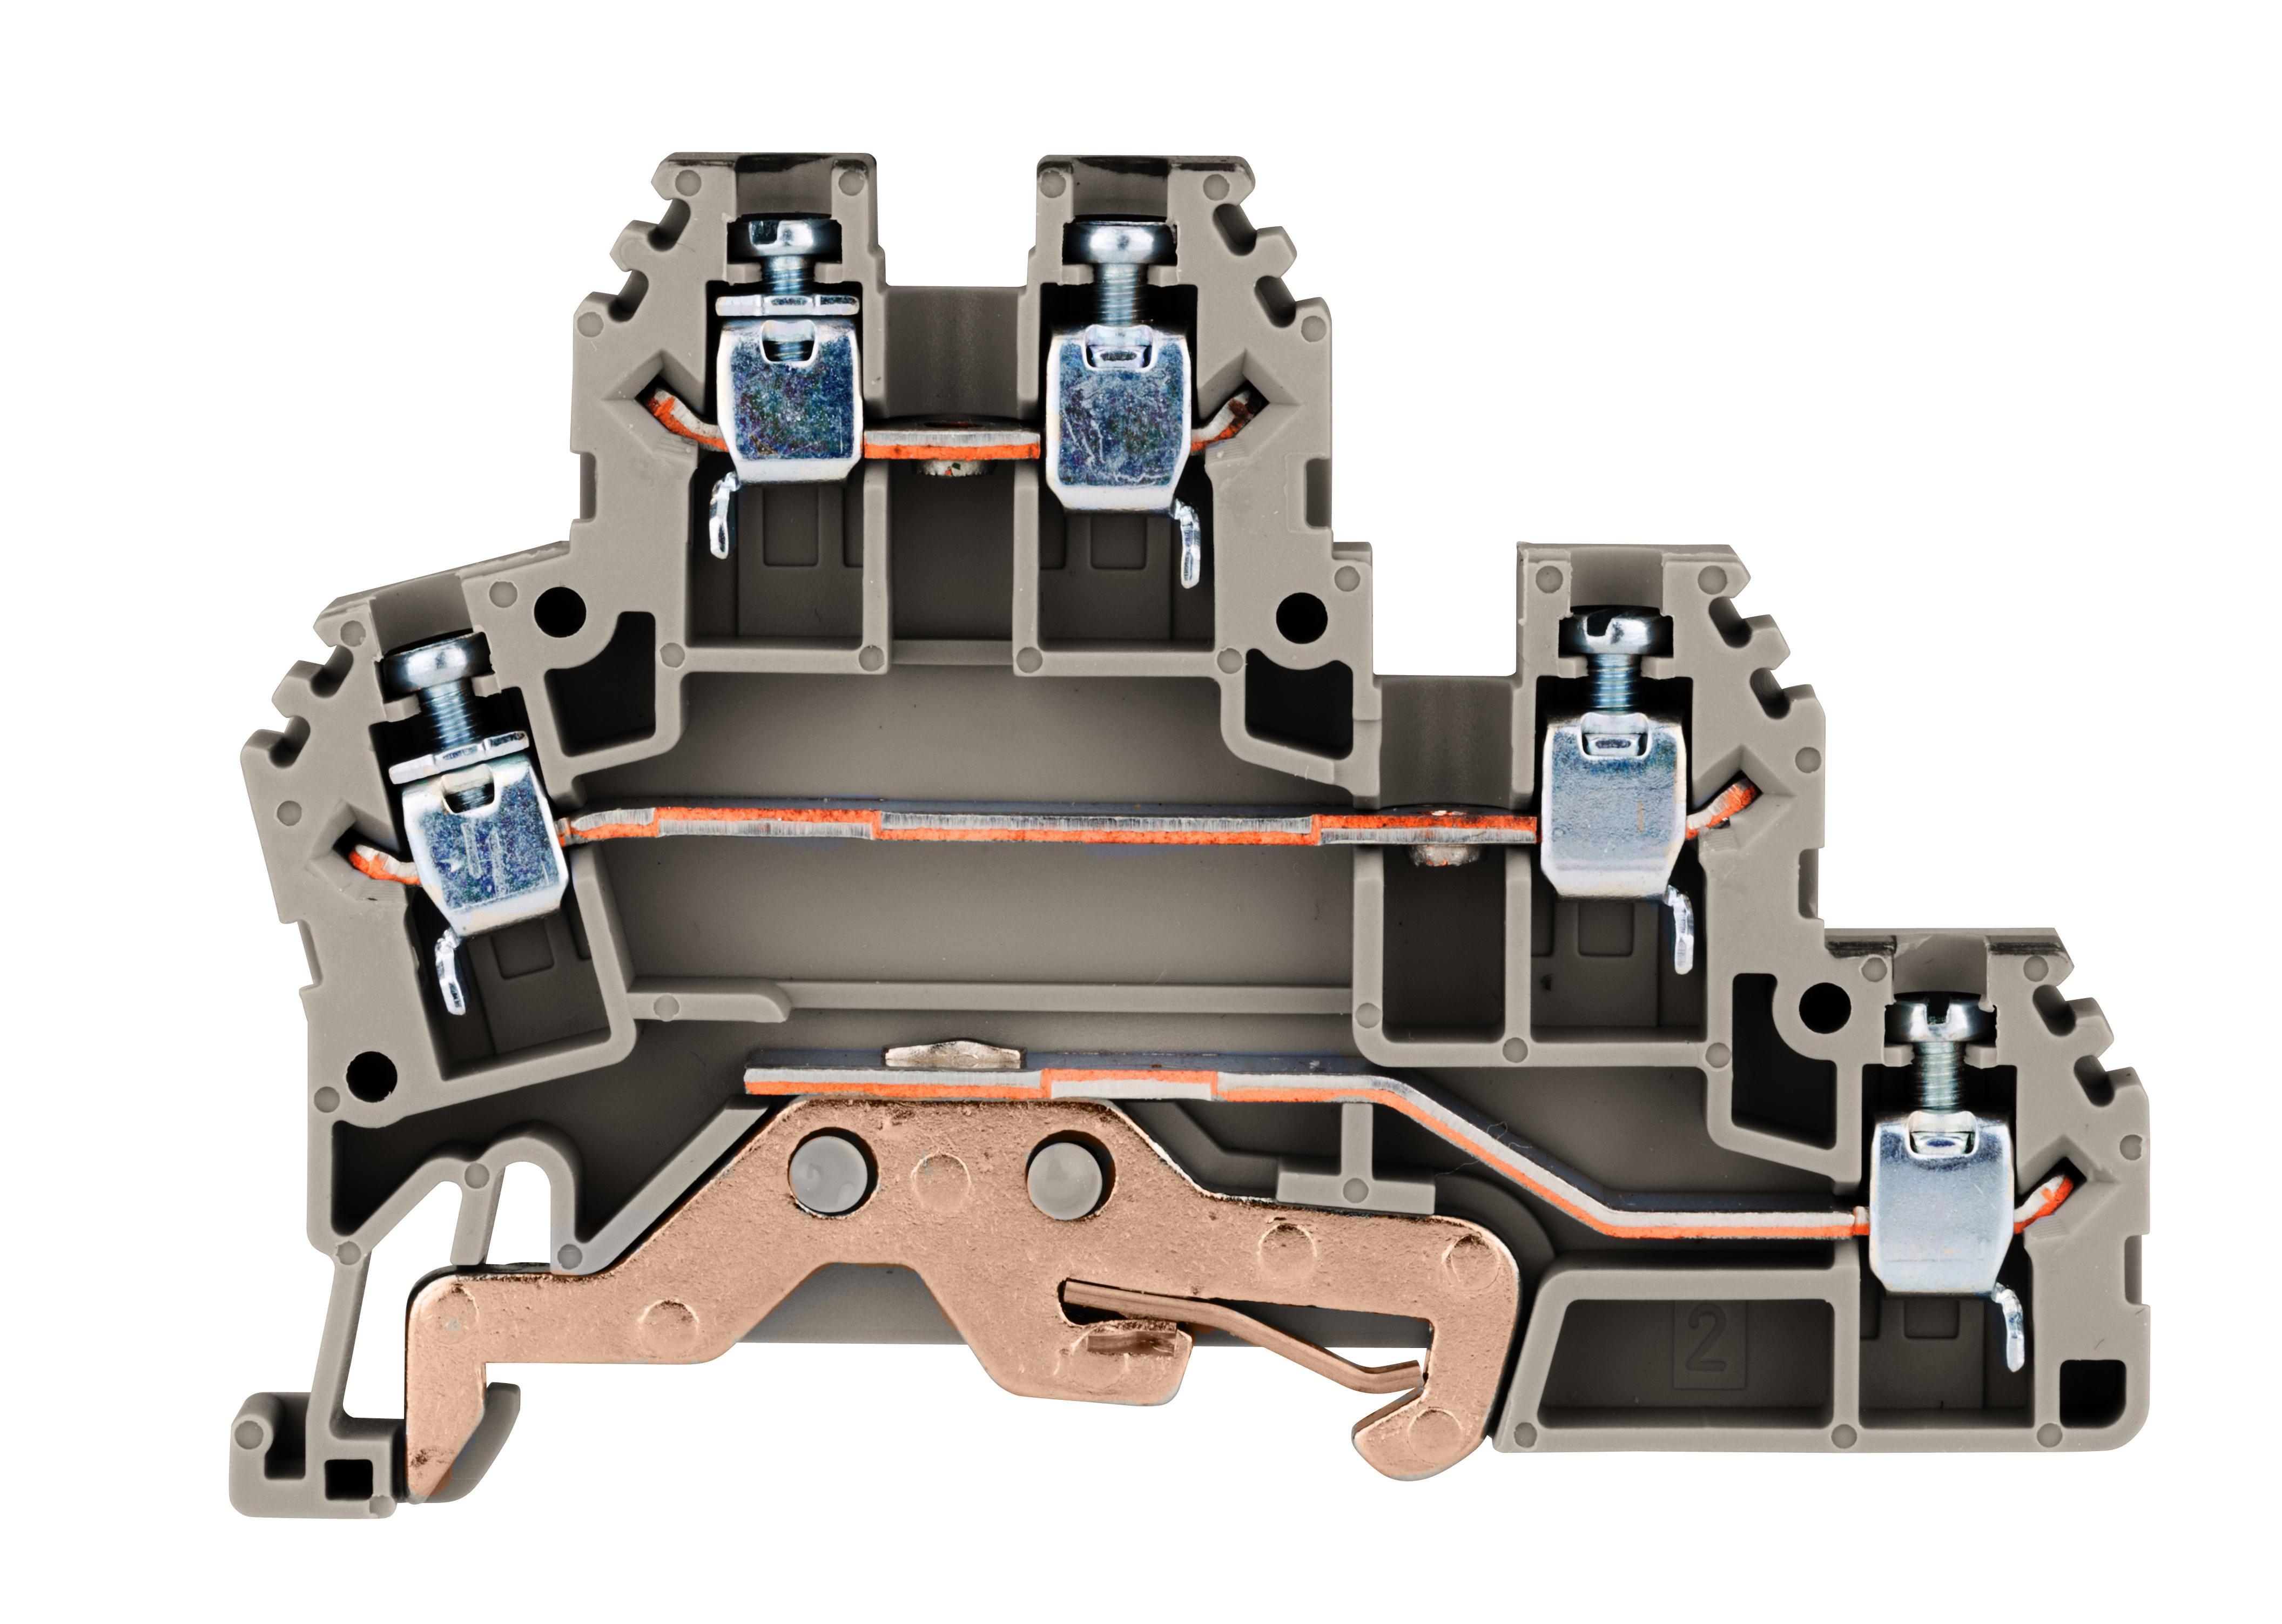 1 Stk Installations-Dreistockklemme 2,5 mm², Type PUK2T, L/N/PE IK680002--